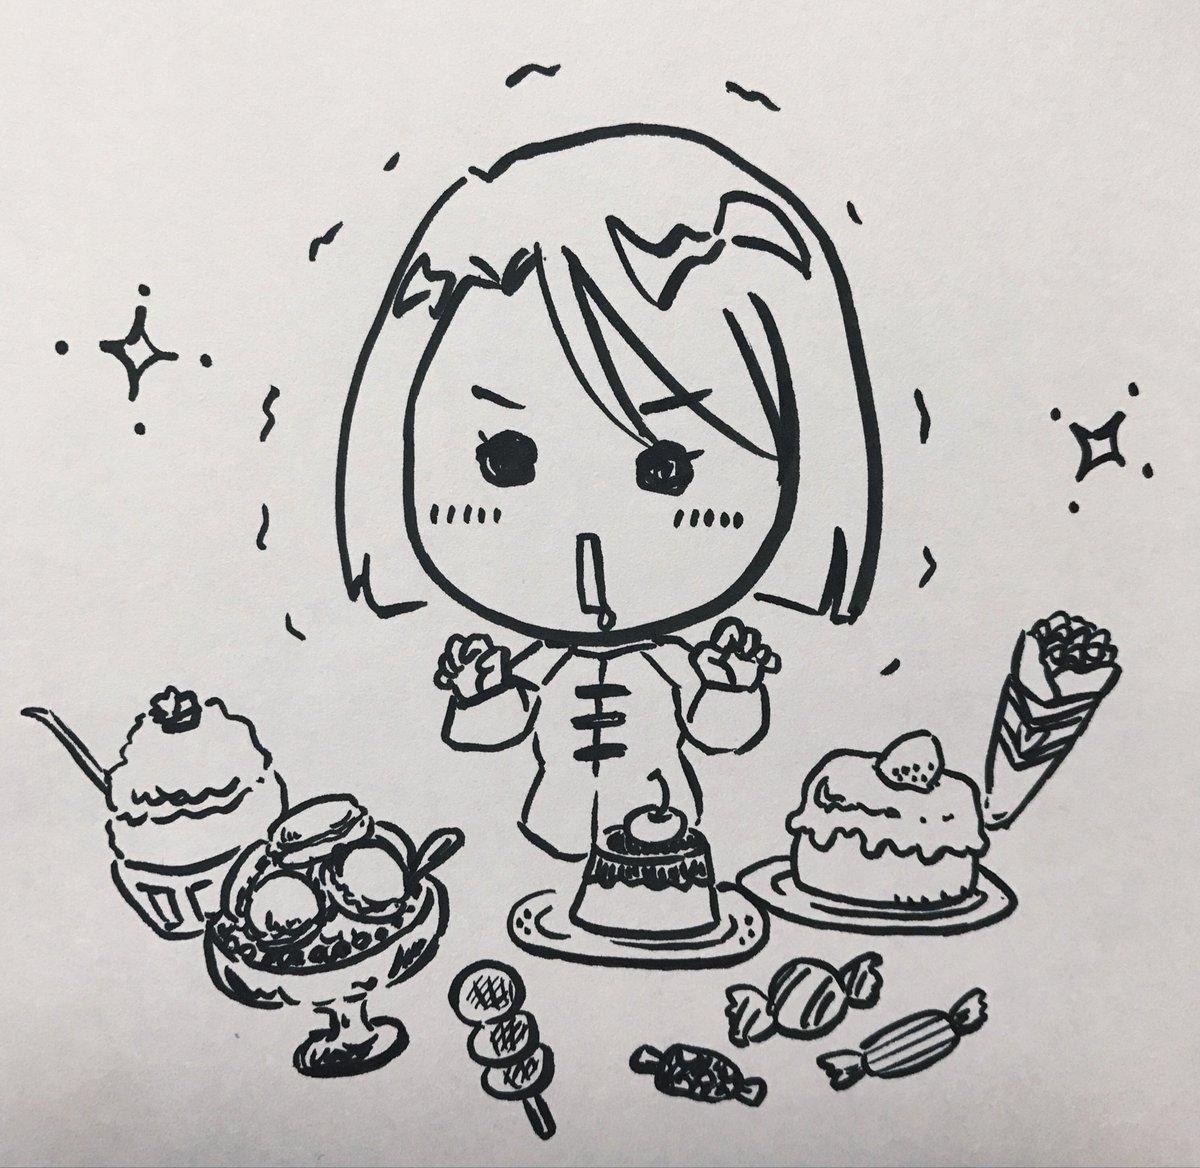 お誕生日おめでとう、舞弥。 https://t.co/WGuDQh4rm5